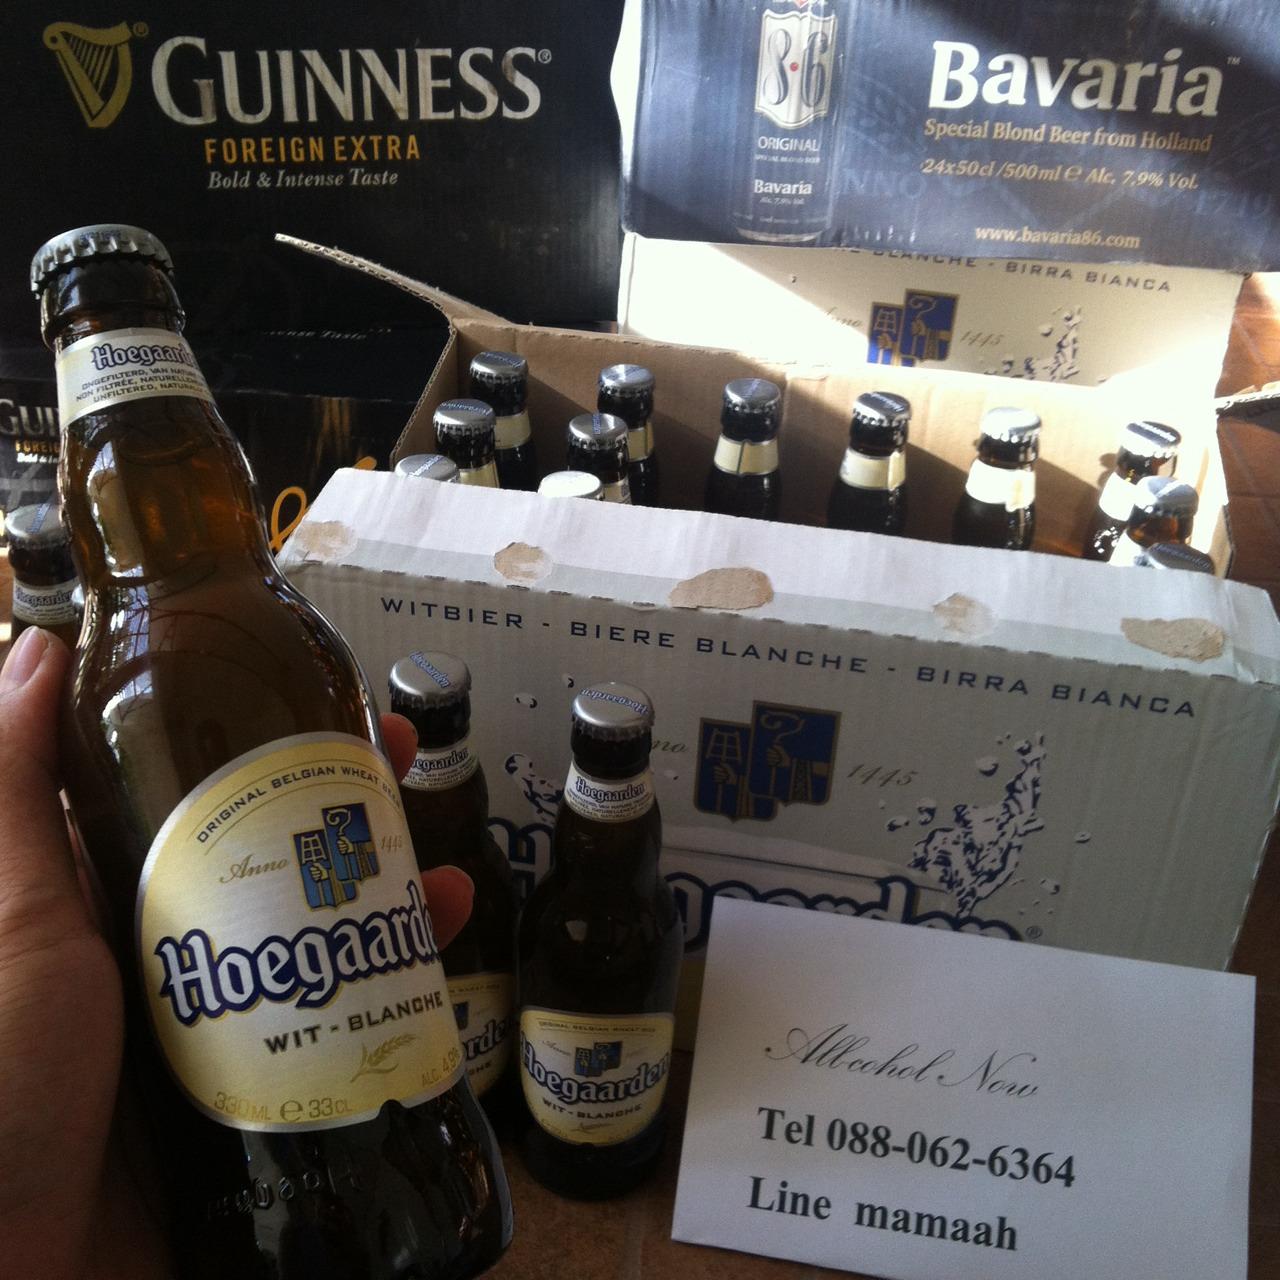 รูปสินค้าจริง เบียร์ Hoegaarden ฮูการ์เด้น/โฮการ์เด้น